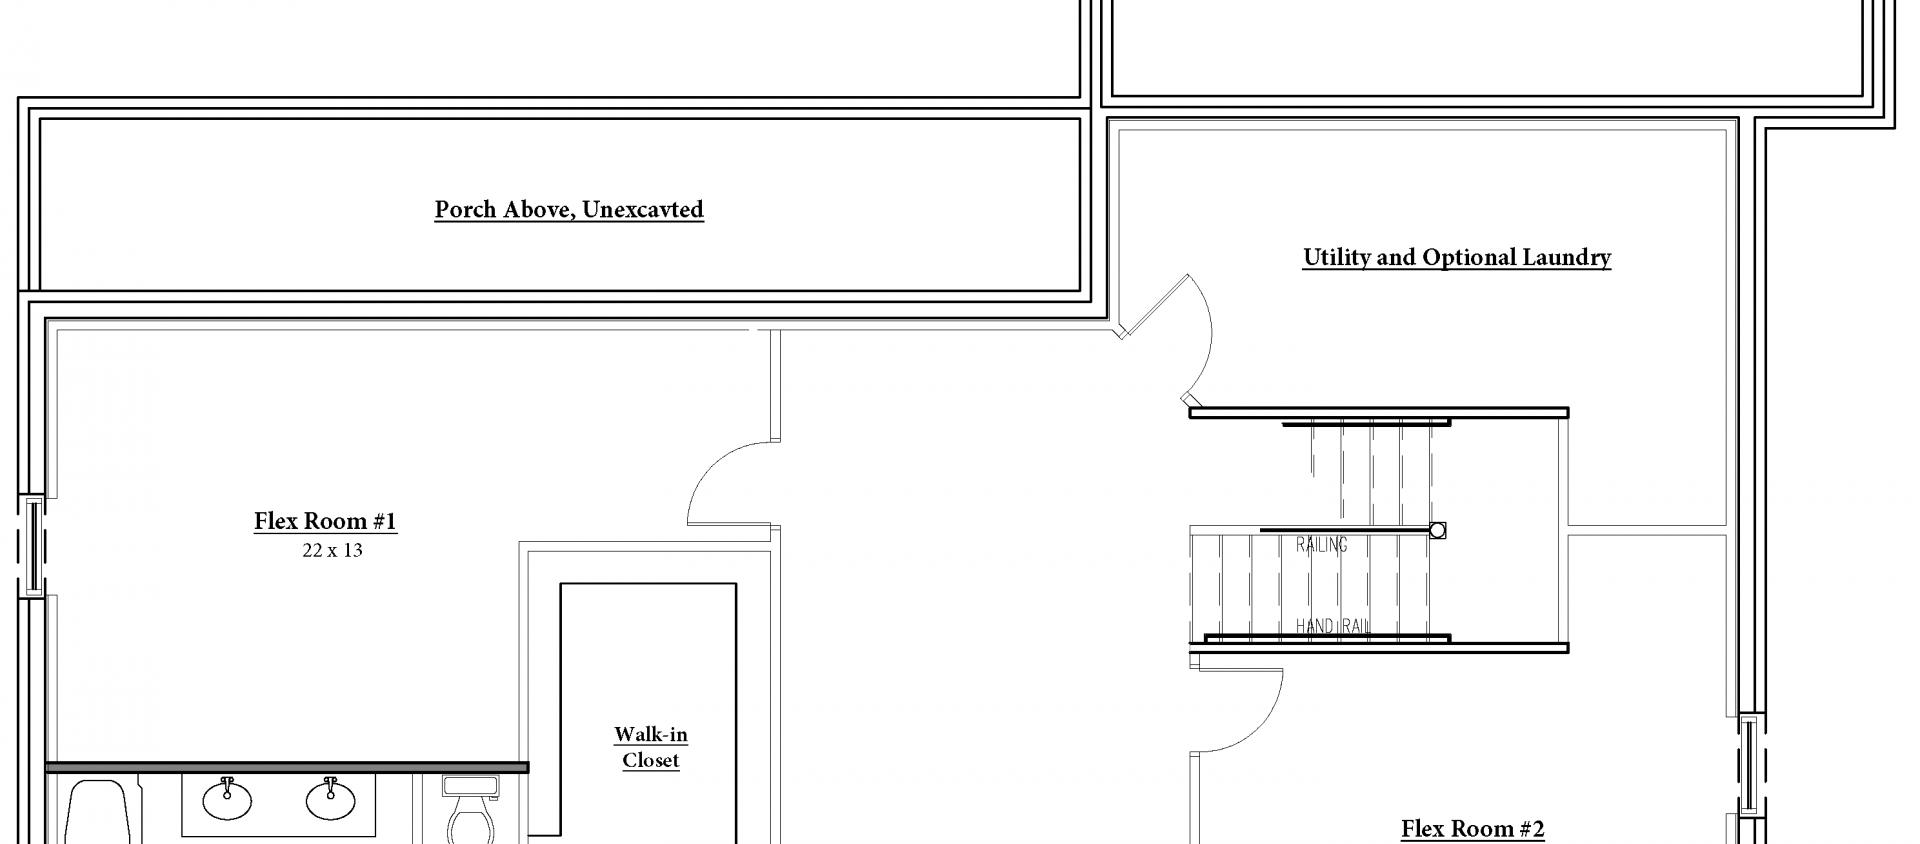 1770_Proffit_Basement_Floor_Plan.png